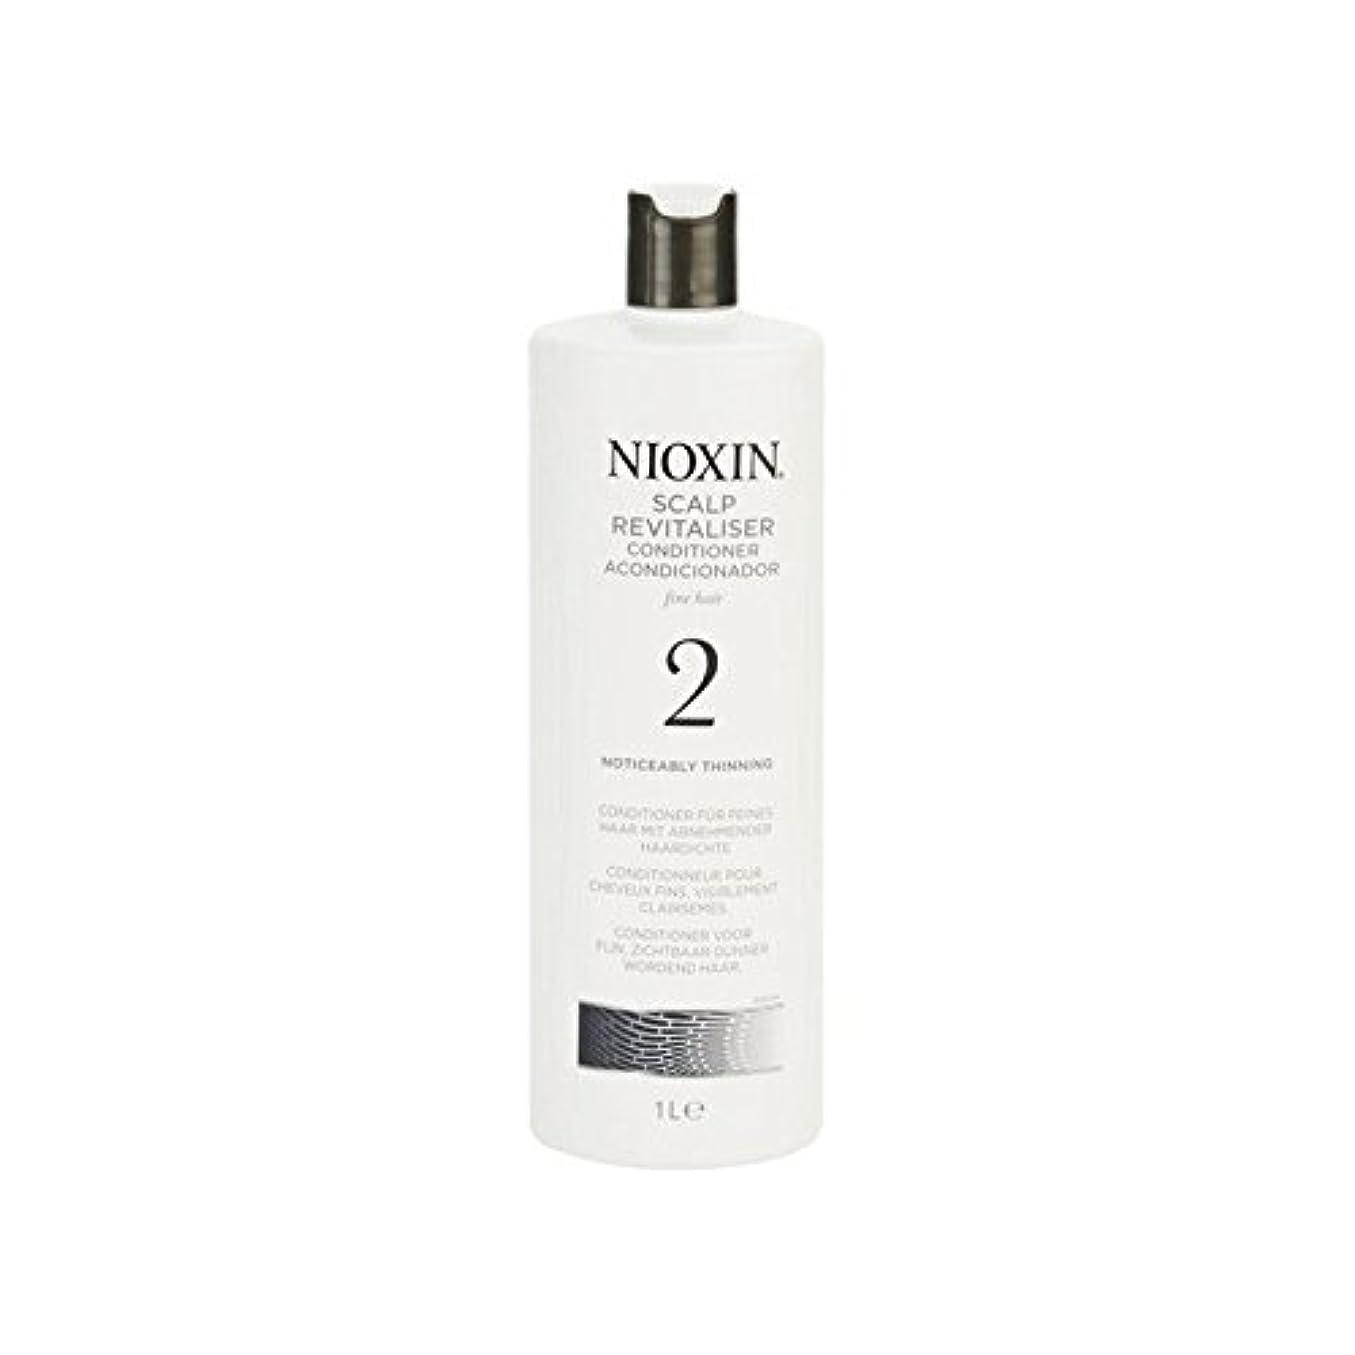 神社リベラル第著しく間伐自然な髪千ミリリットルのためのニオキシンシステム2頭皮コンディショナー x4 - Nioxin System 2 Scalp Revitaliser Conditioner For Noticeably Thinning...